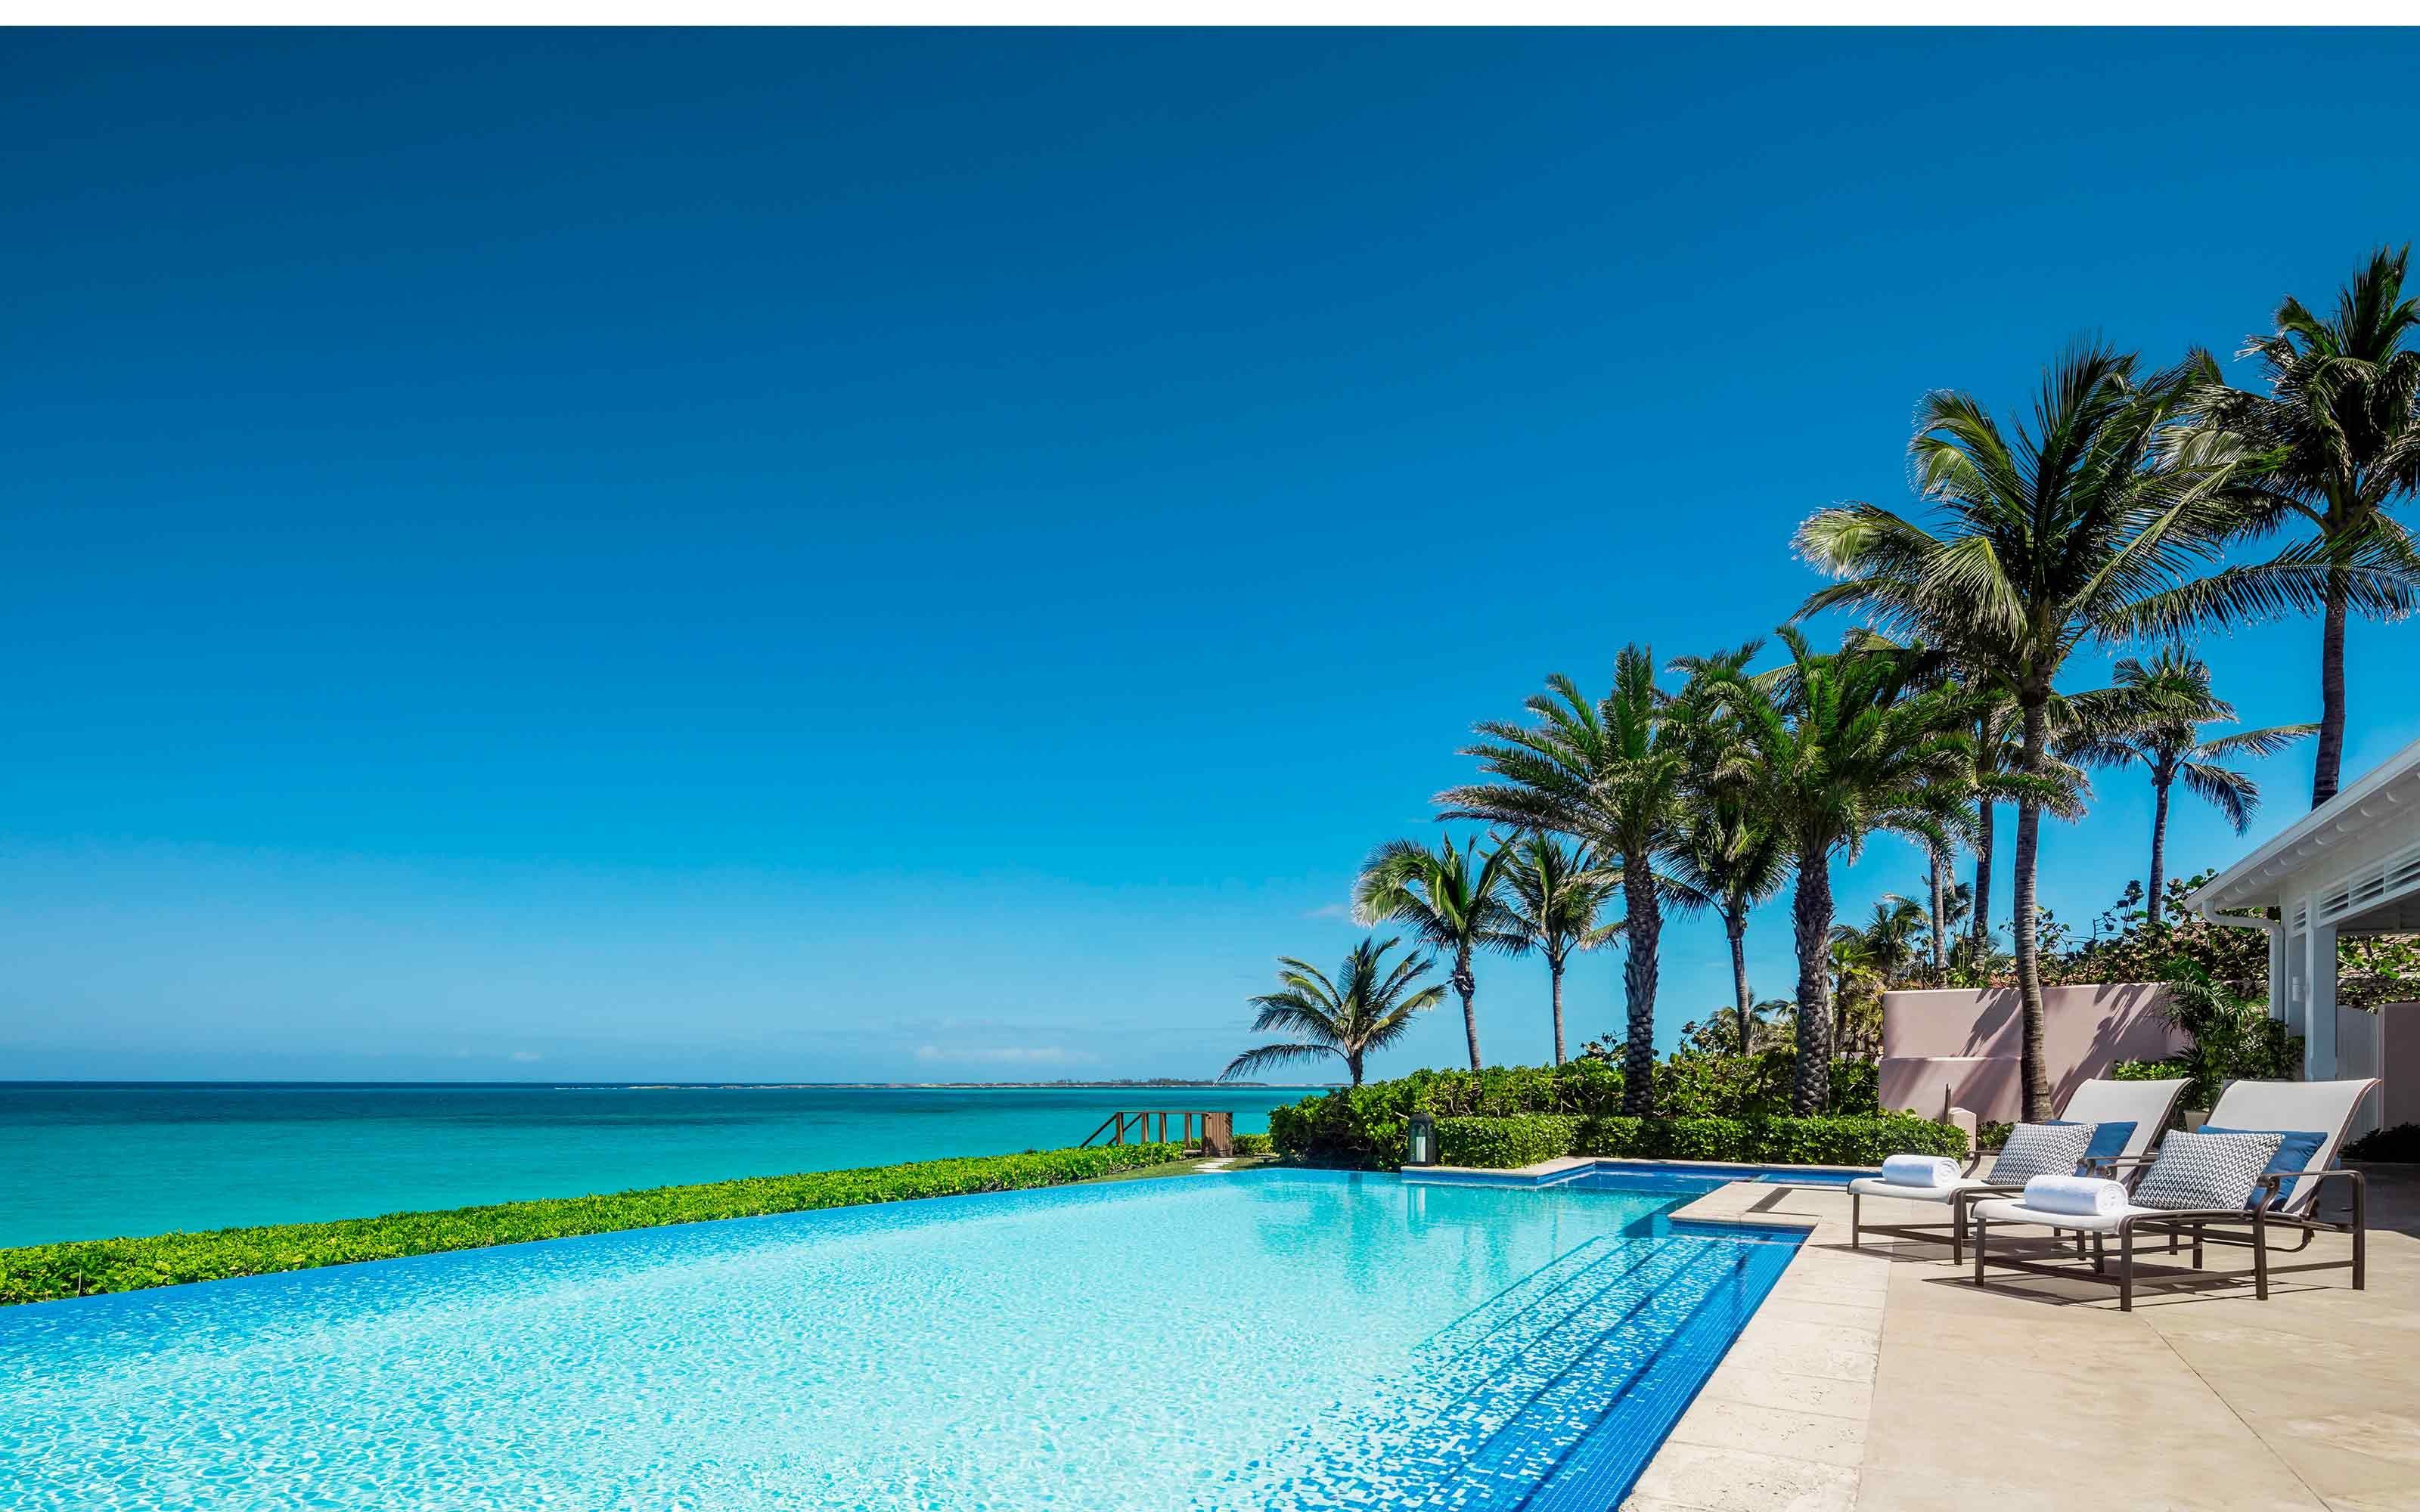 One And Only Beach Club Bahamas Four Bedroom Villa Terrace Bahamas Travel Bahamas Resorts Bahamas Vacation